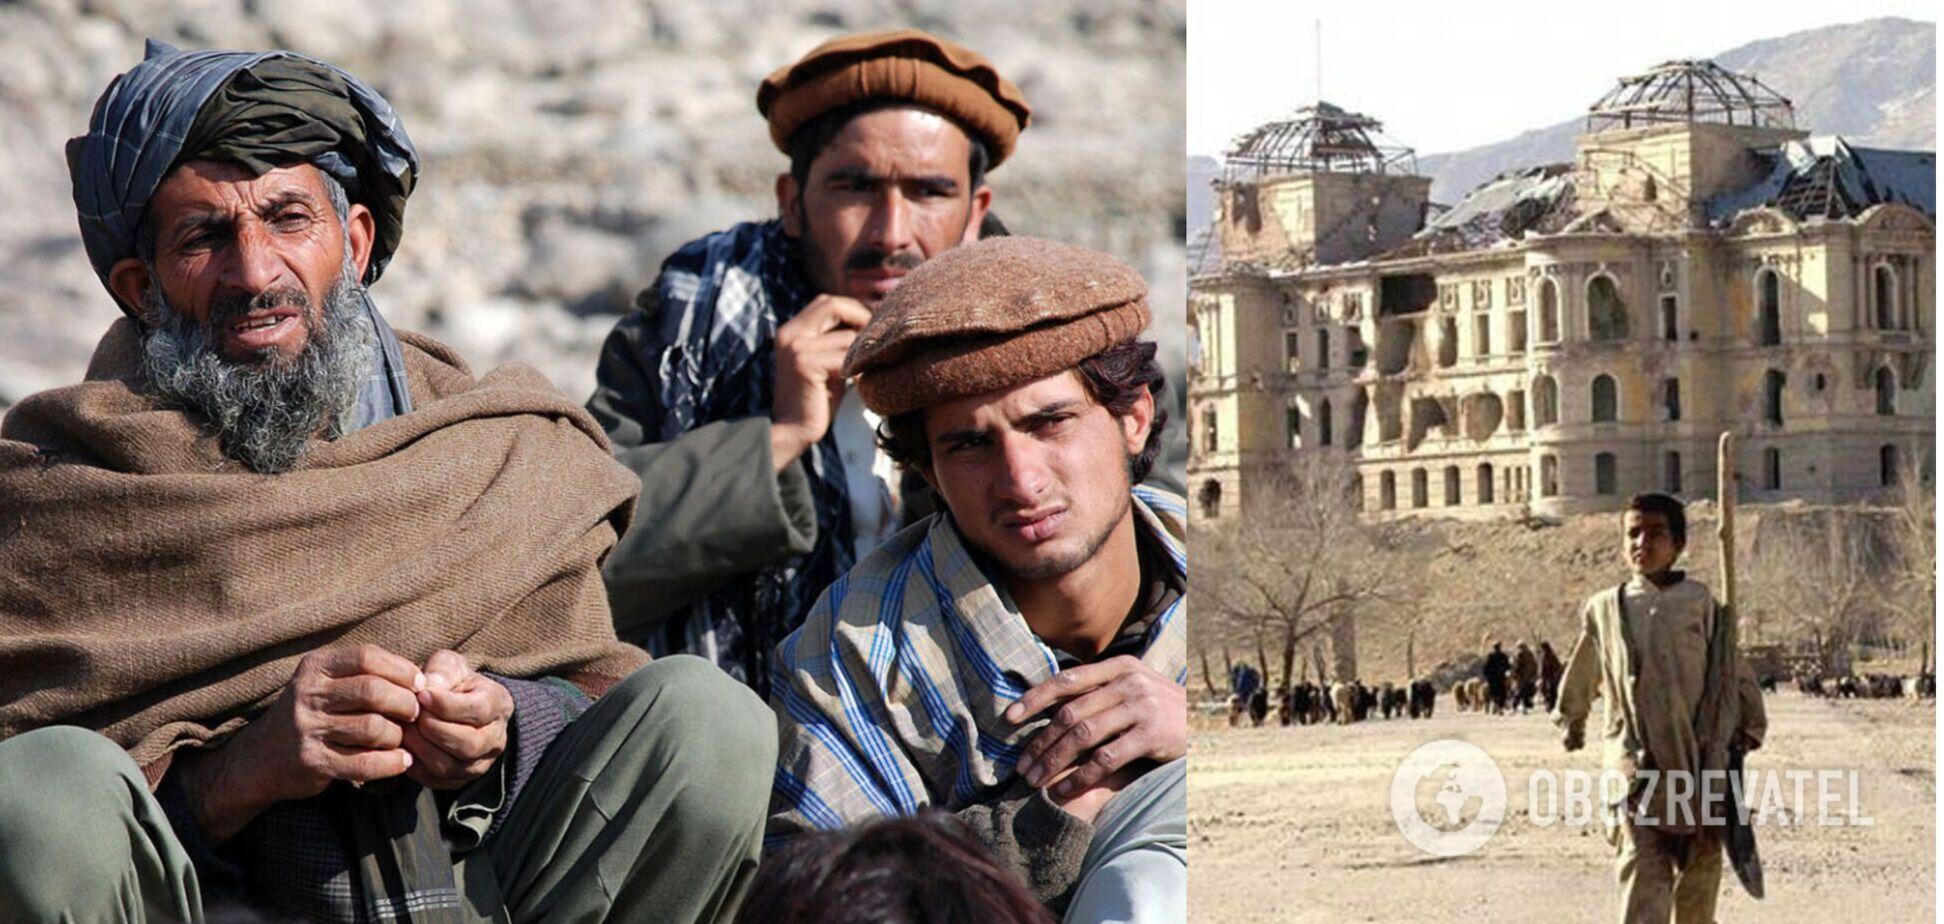 Контроль Афганистана талибами: почему это касается Украины